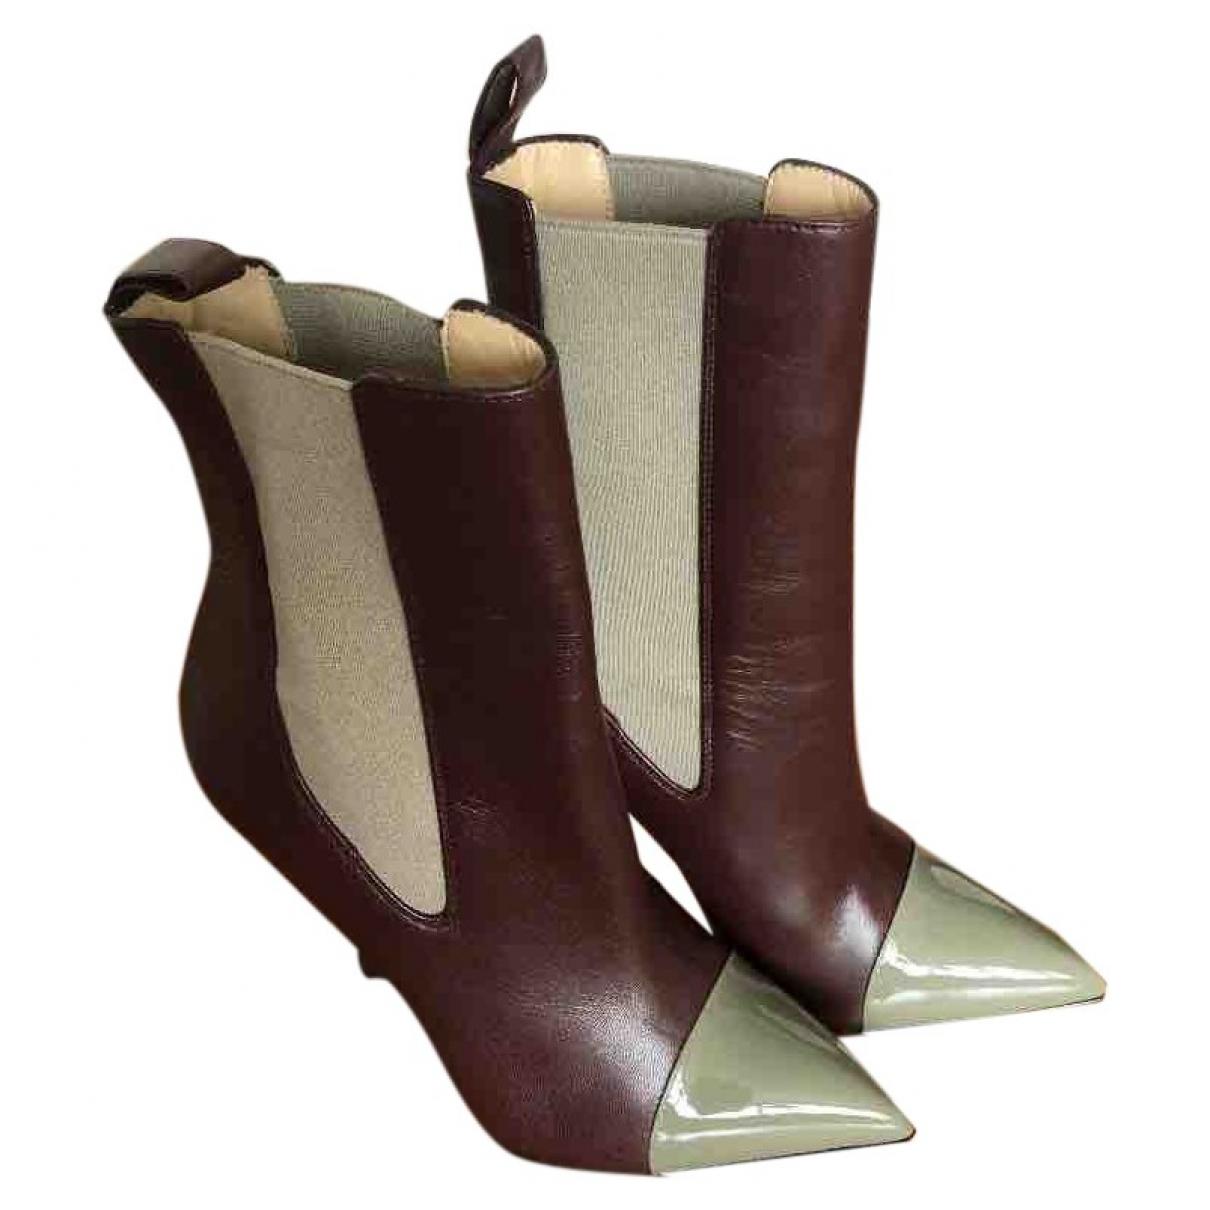 Christian Louboutin - Bottes   pour femme en cuir - bordeaux